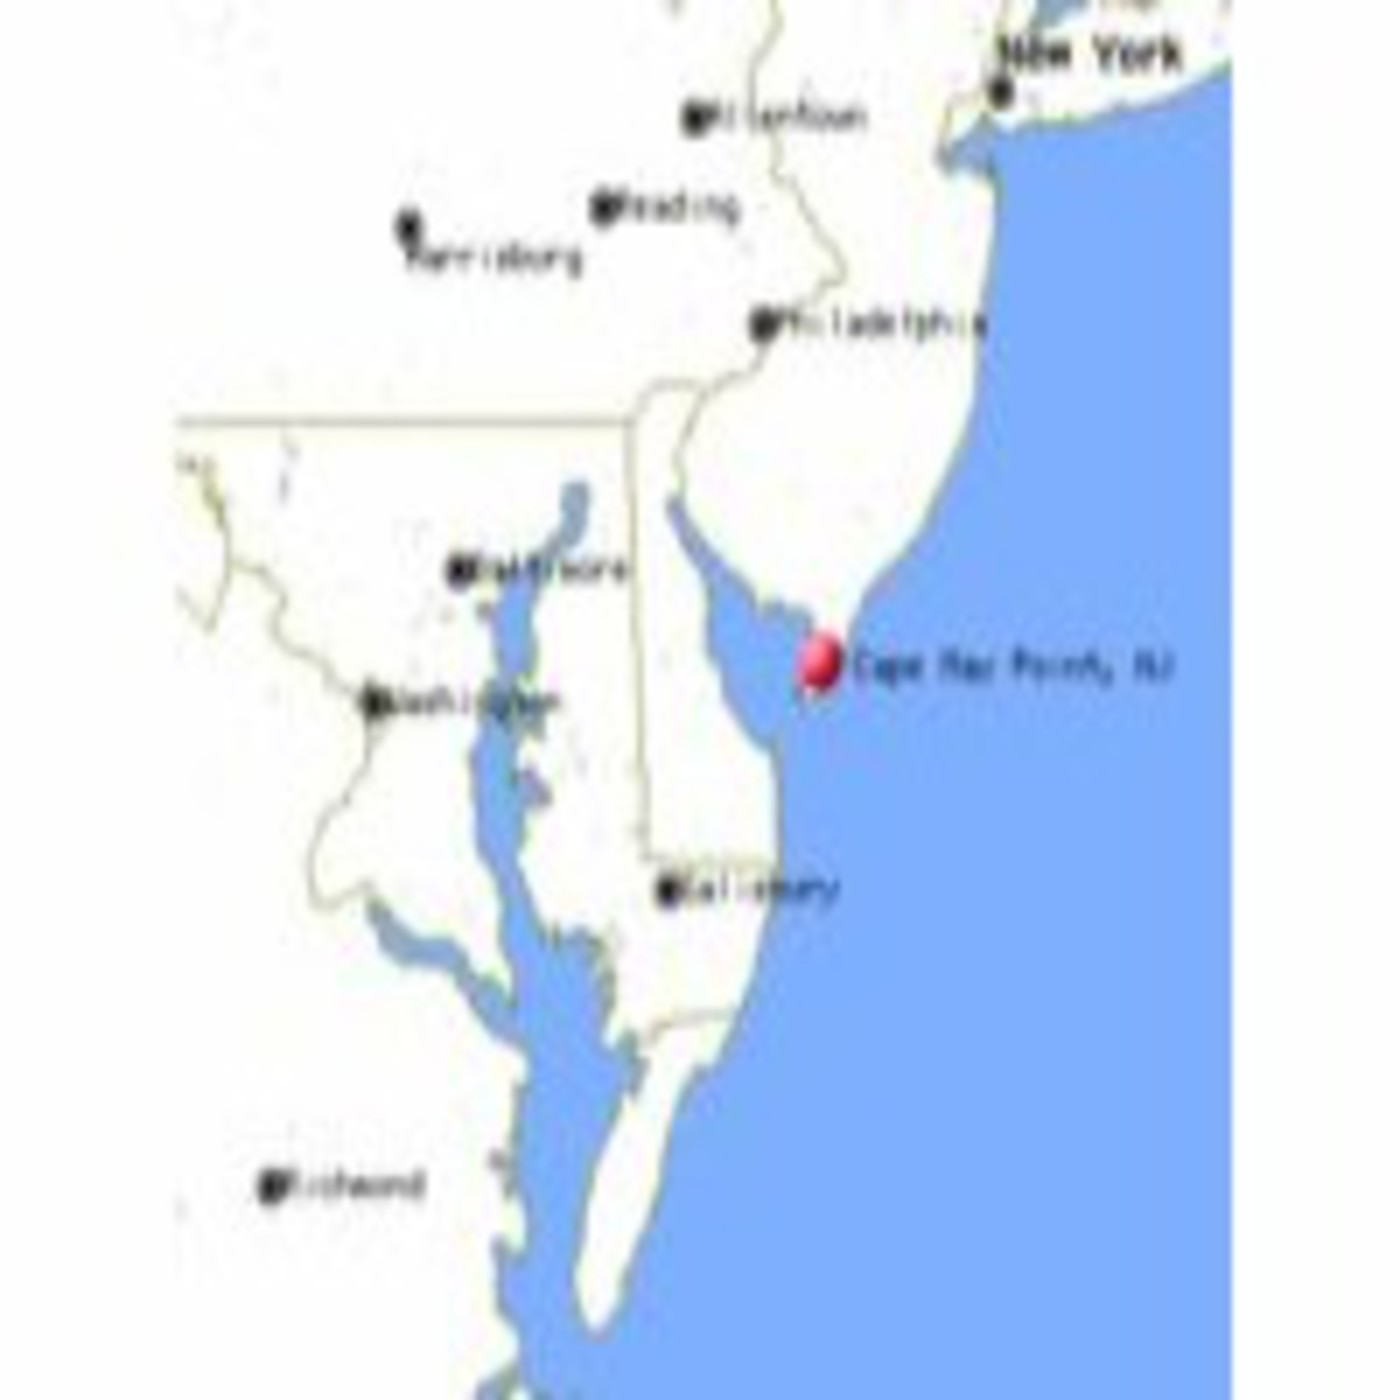 069 - El incidente de Cape May